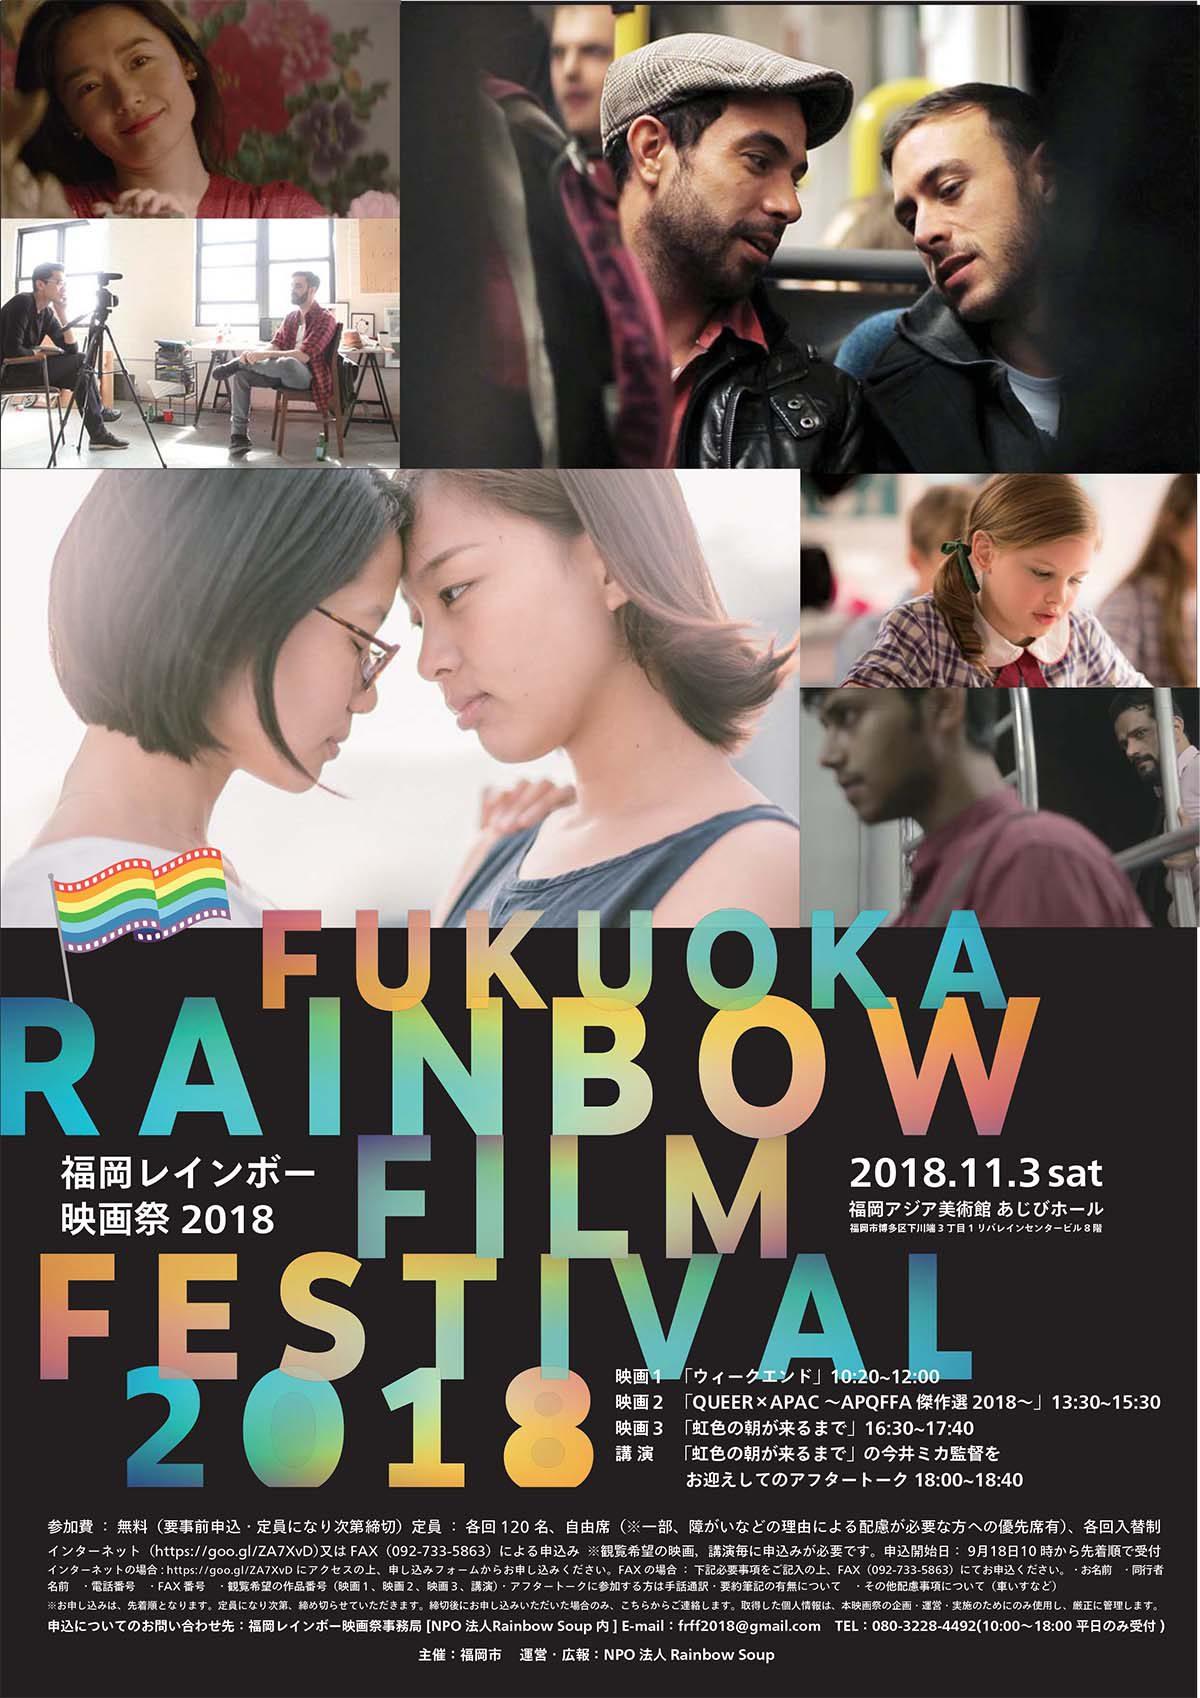 福岡レインボー映画祭2018